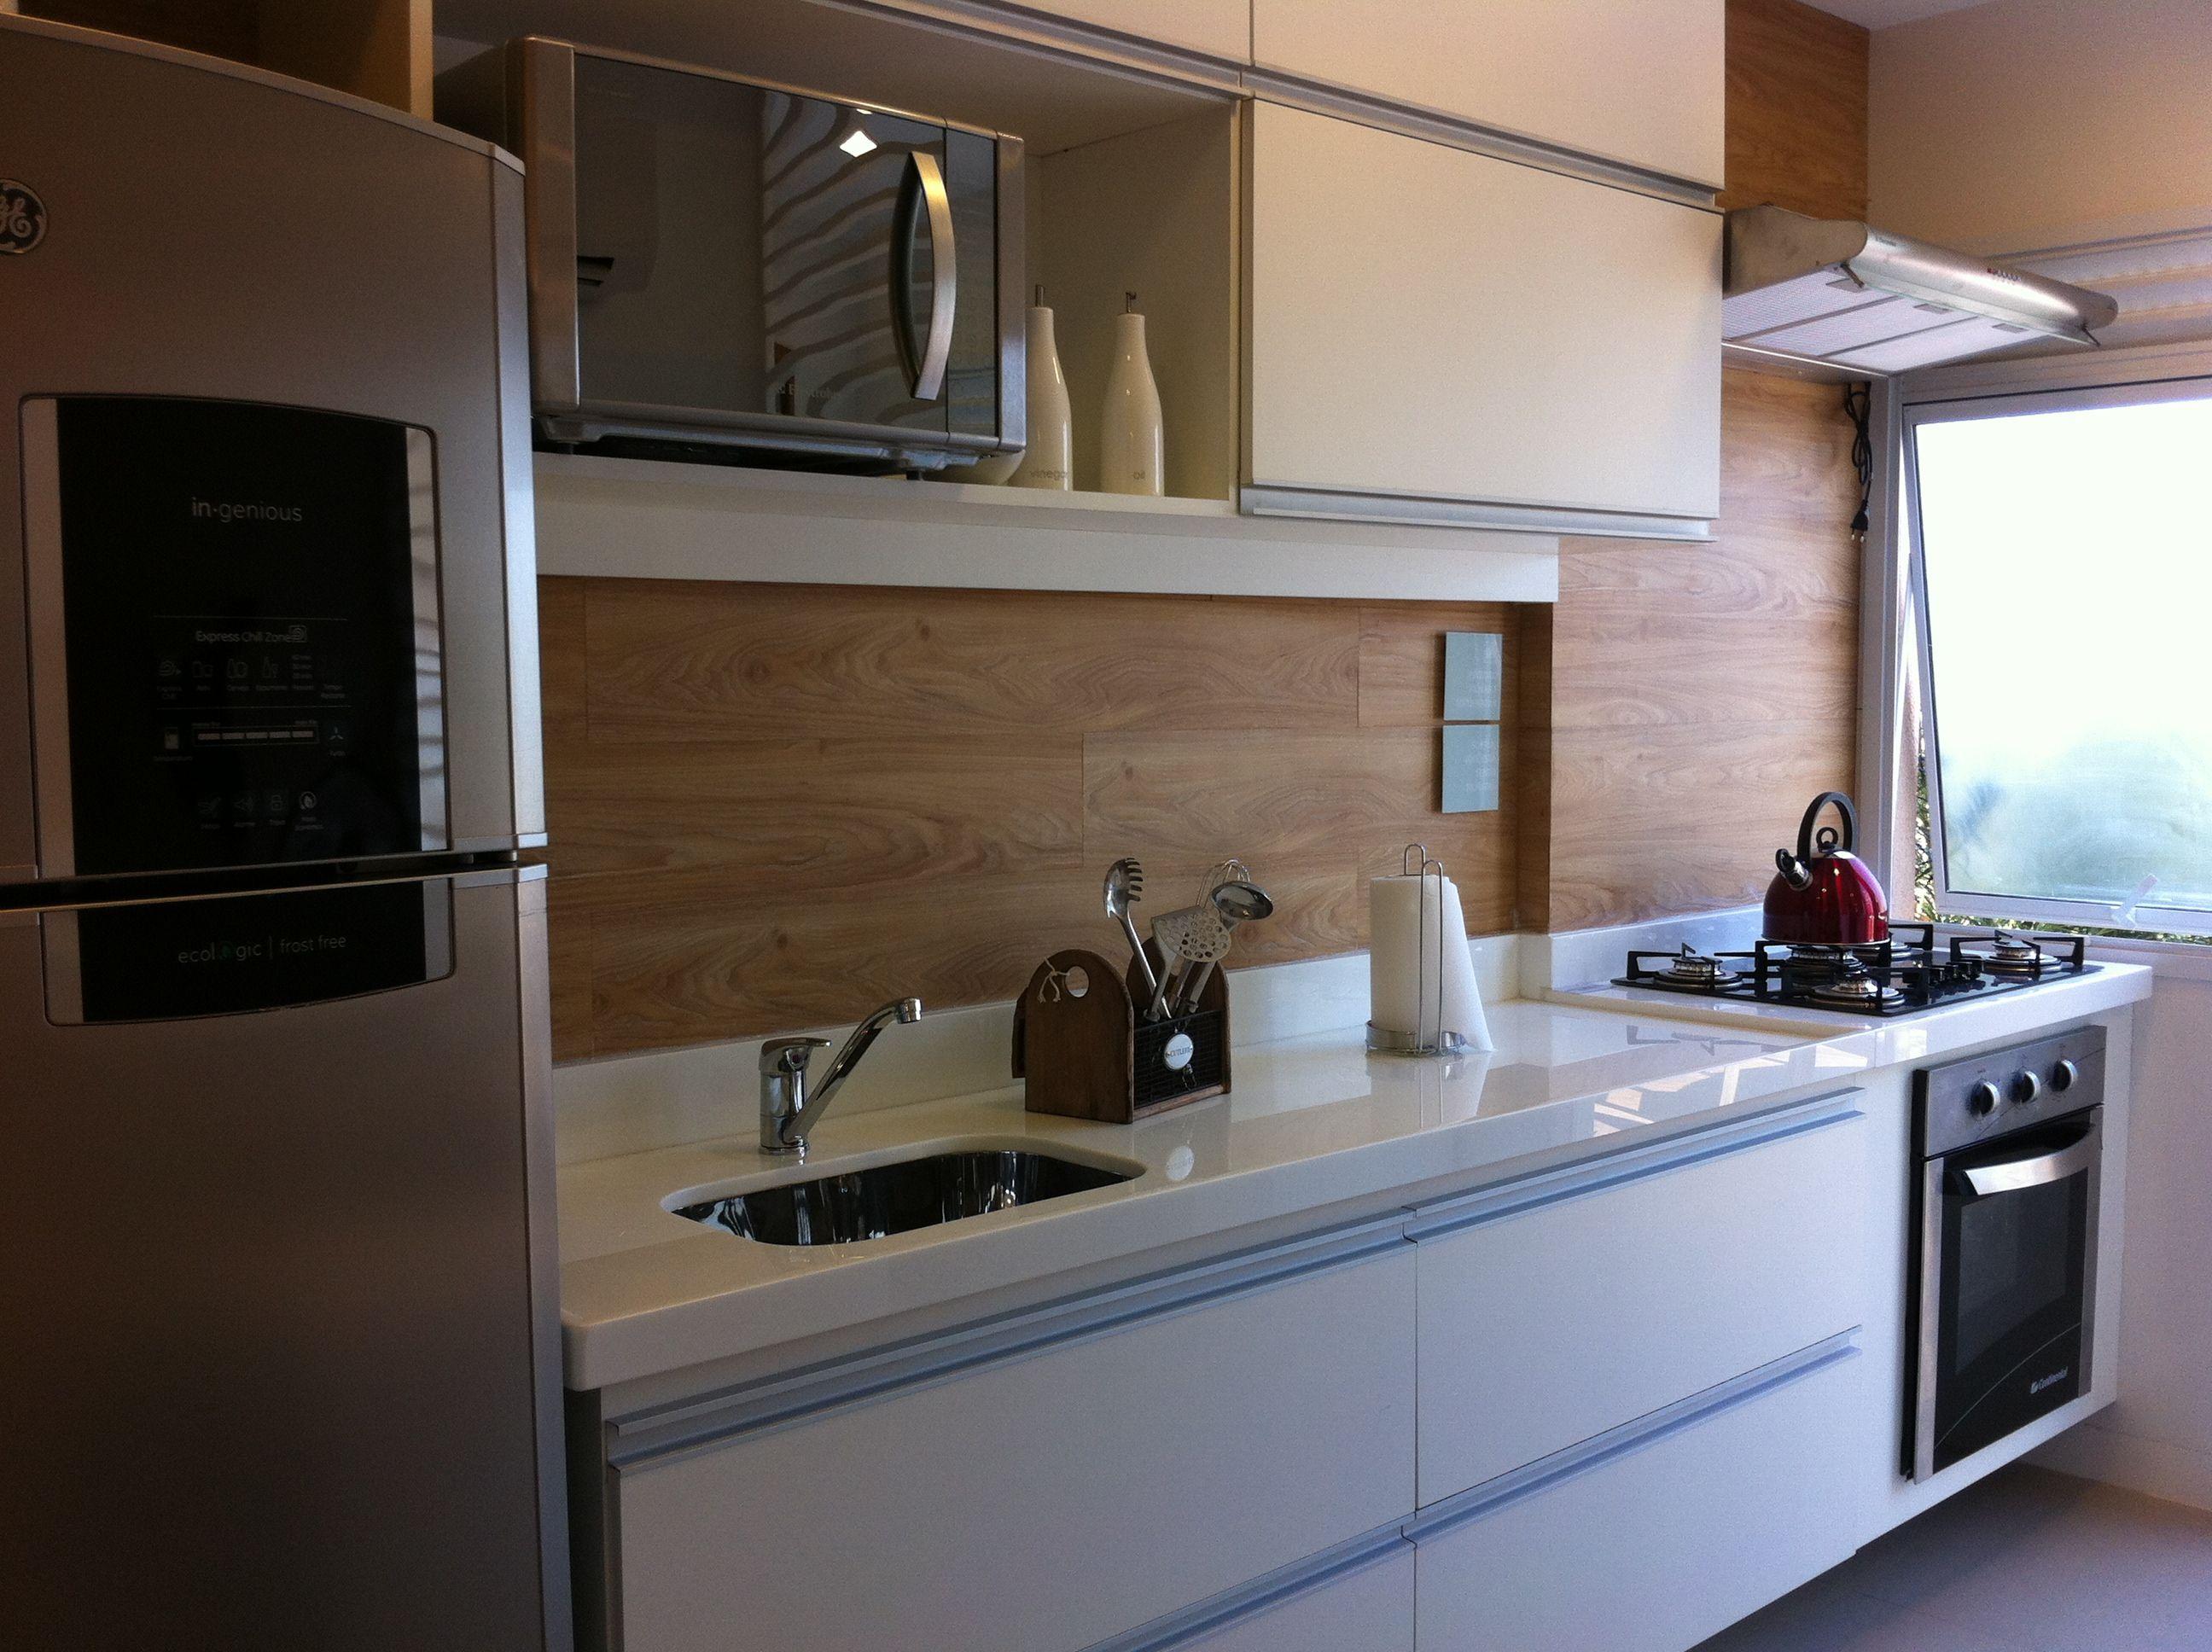 Cozinha pequena linda modern kitchen marina for Cocinas super pequenas